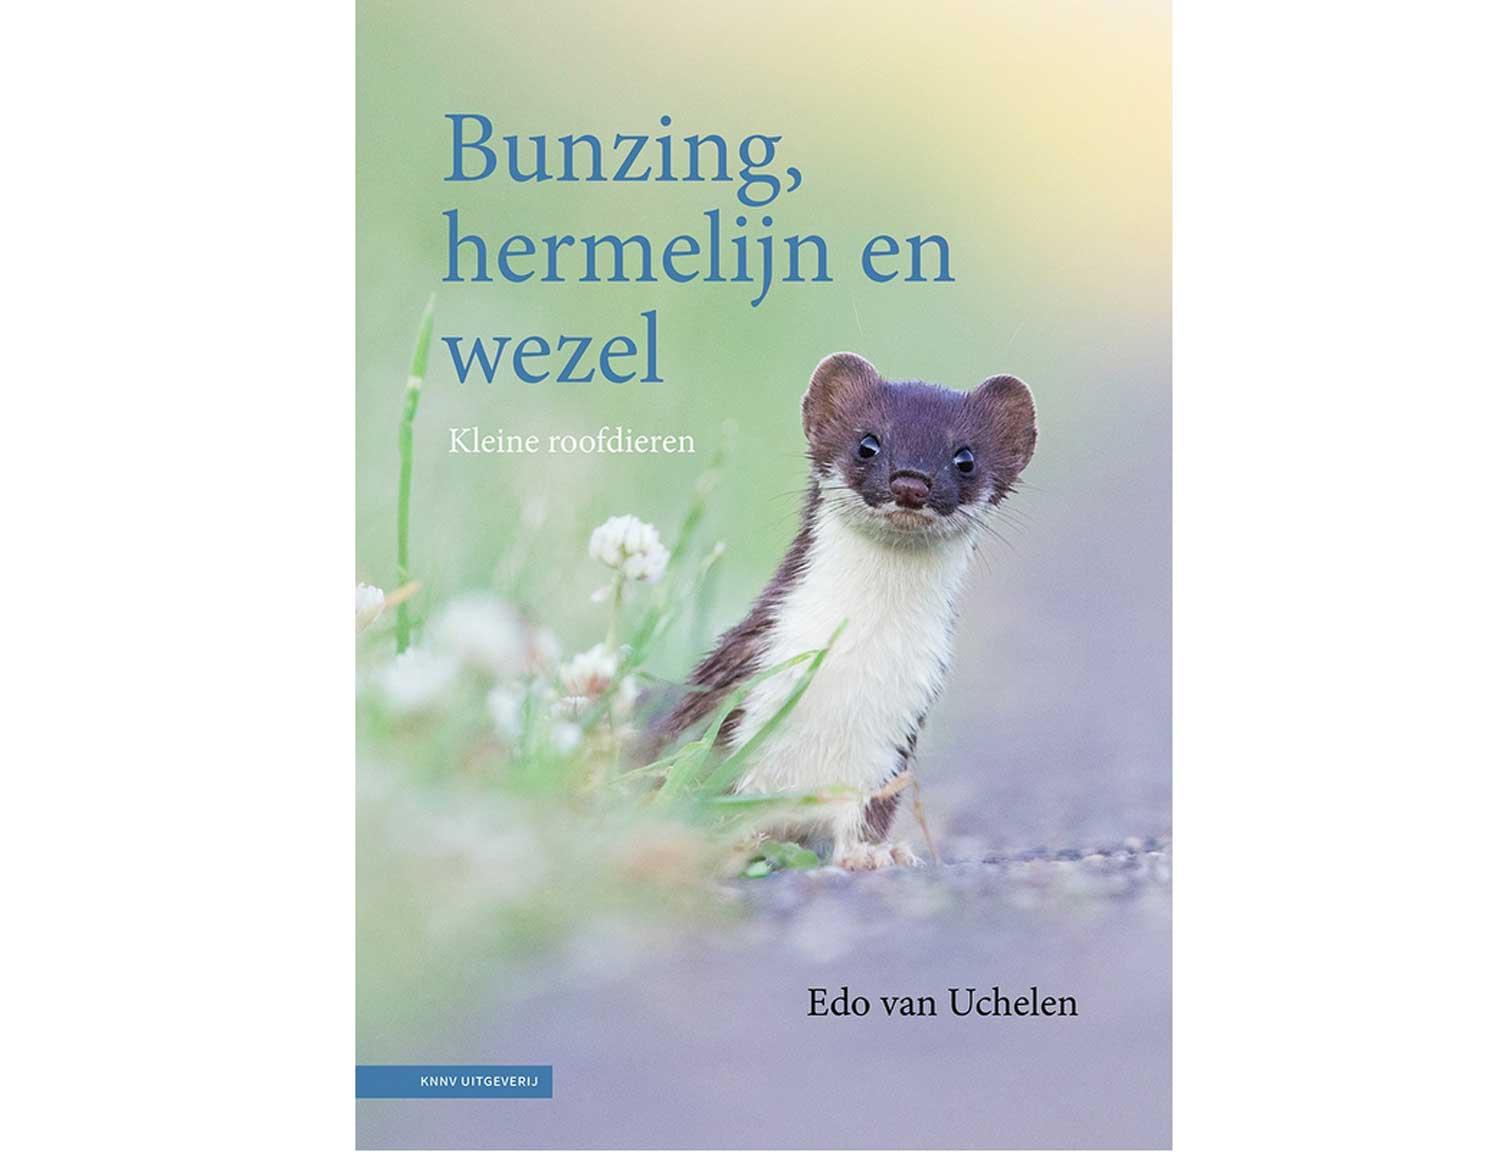 bunzing,_hermelijn_en_wezel(1)